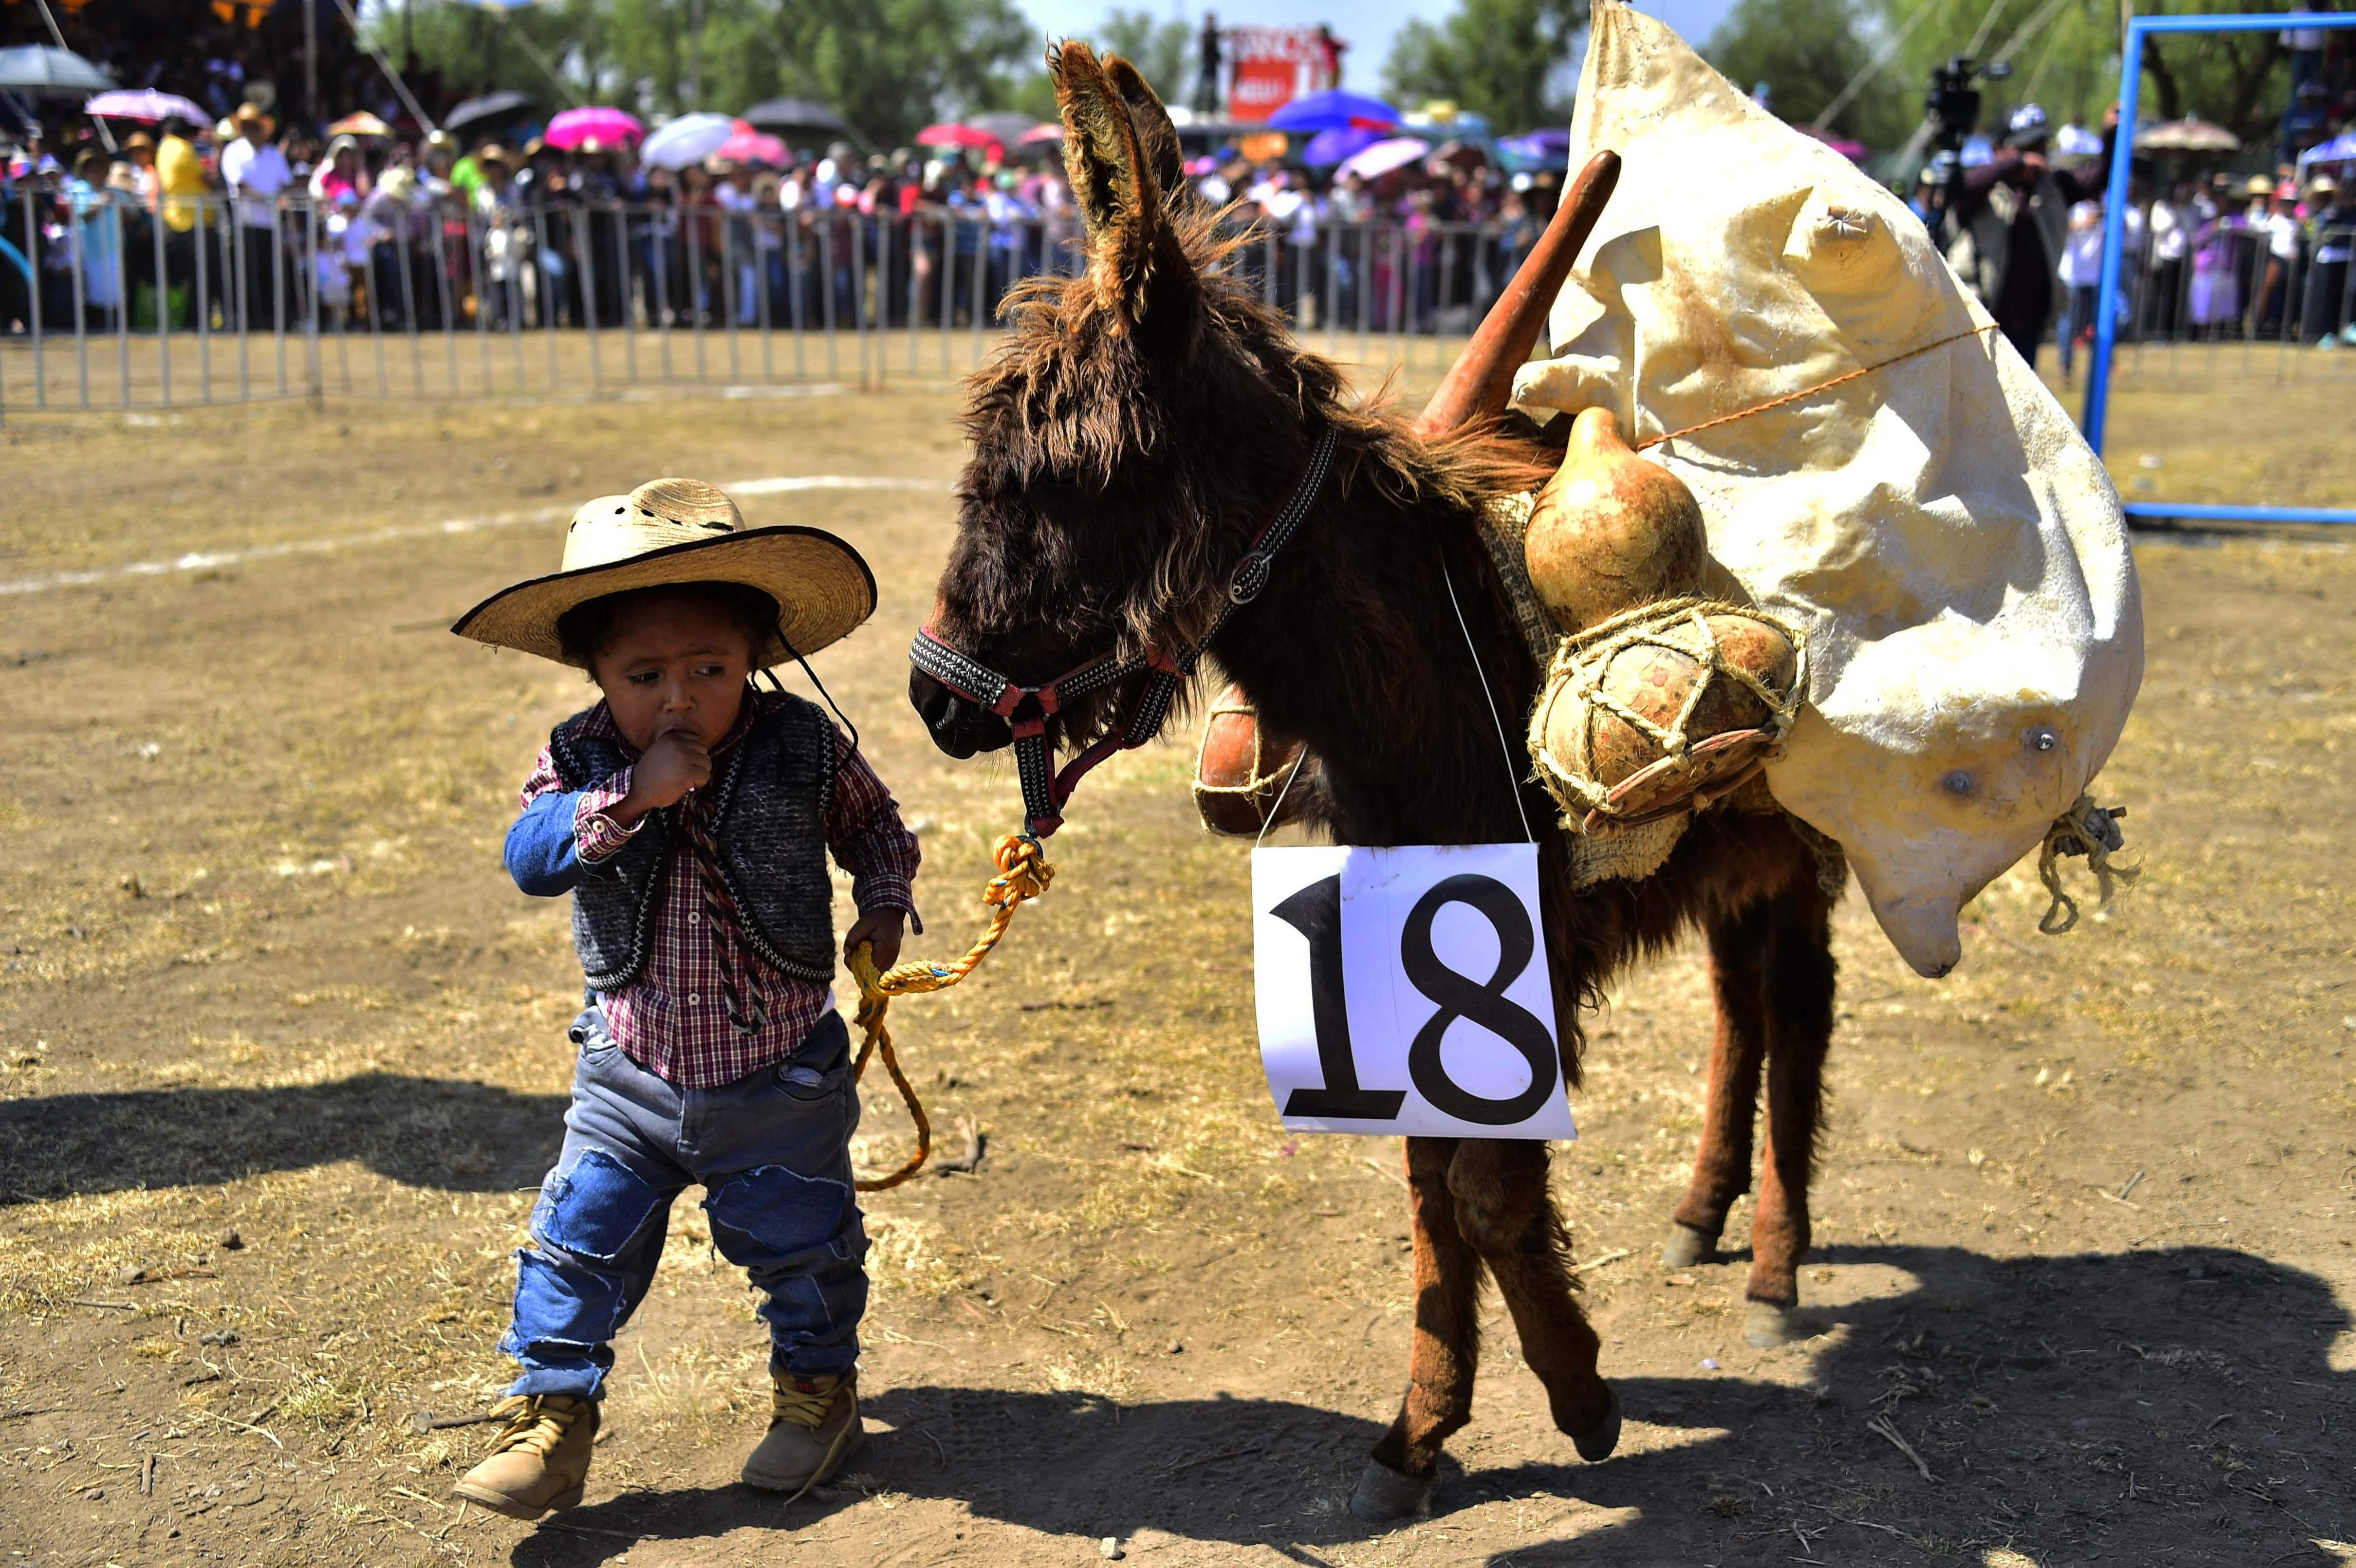 طفل مشارك في المهرجان